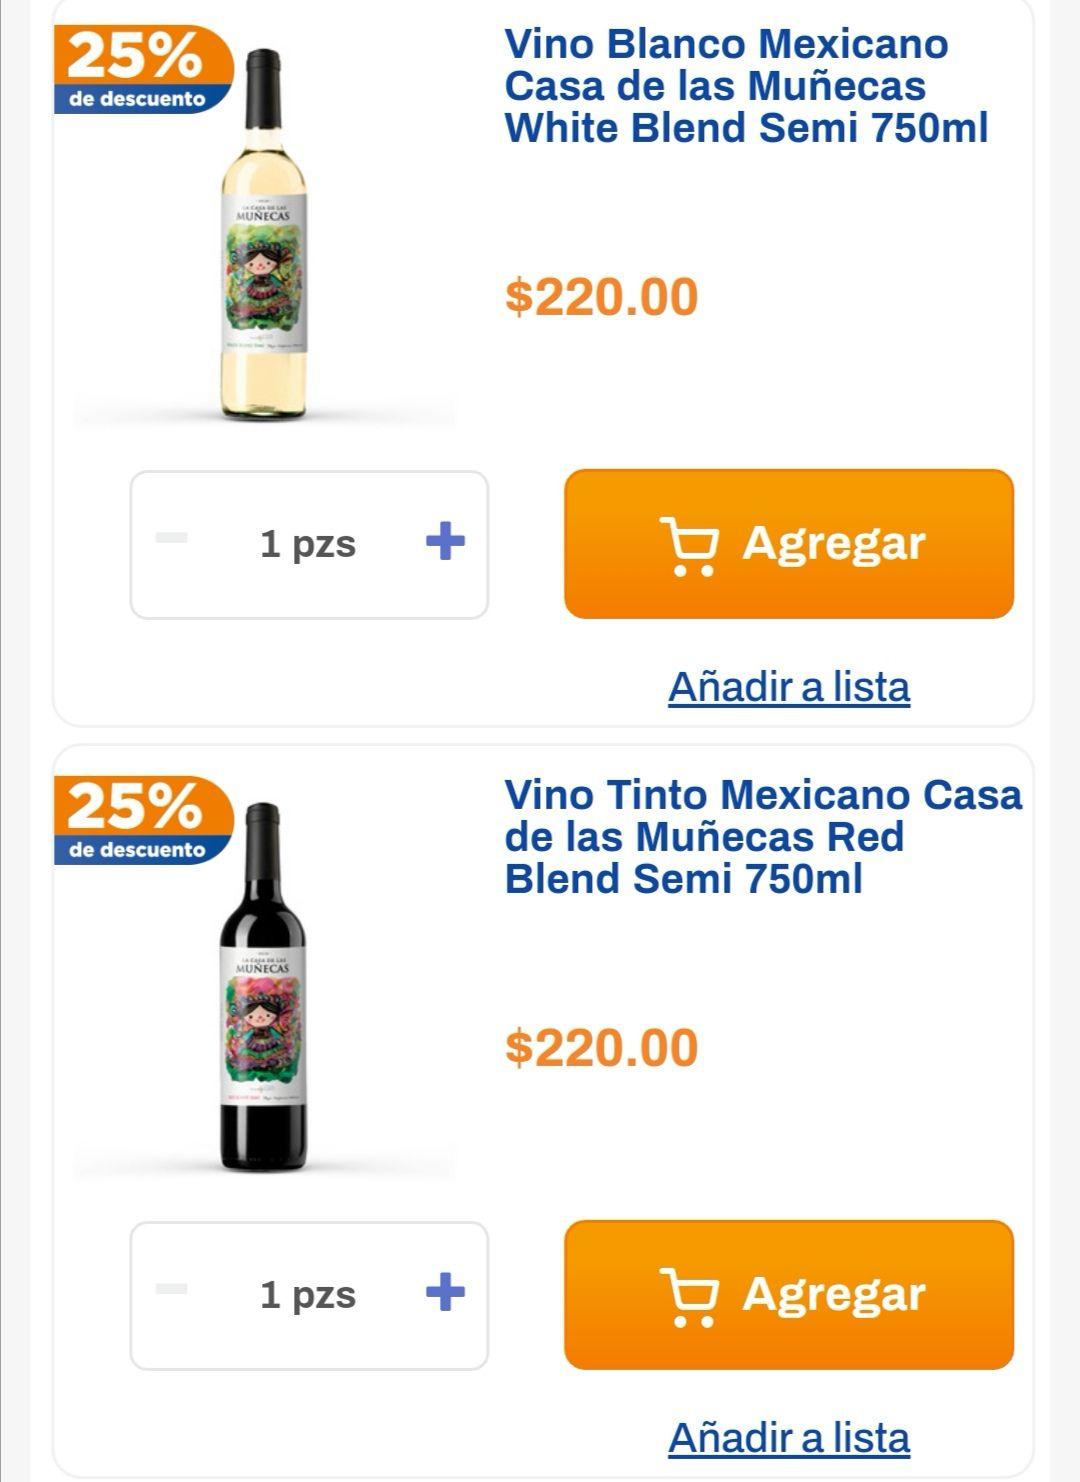 Chedraui: 20% de descuento en vinos La Casa de las Muñecas seleccionados